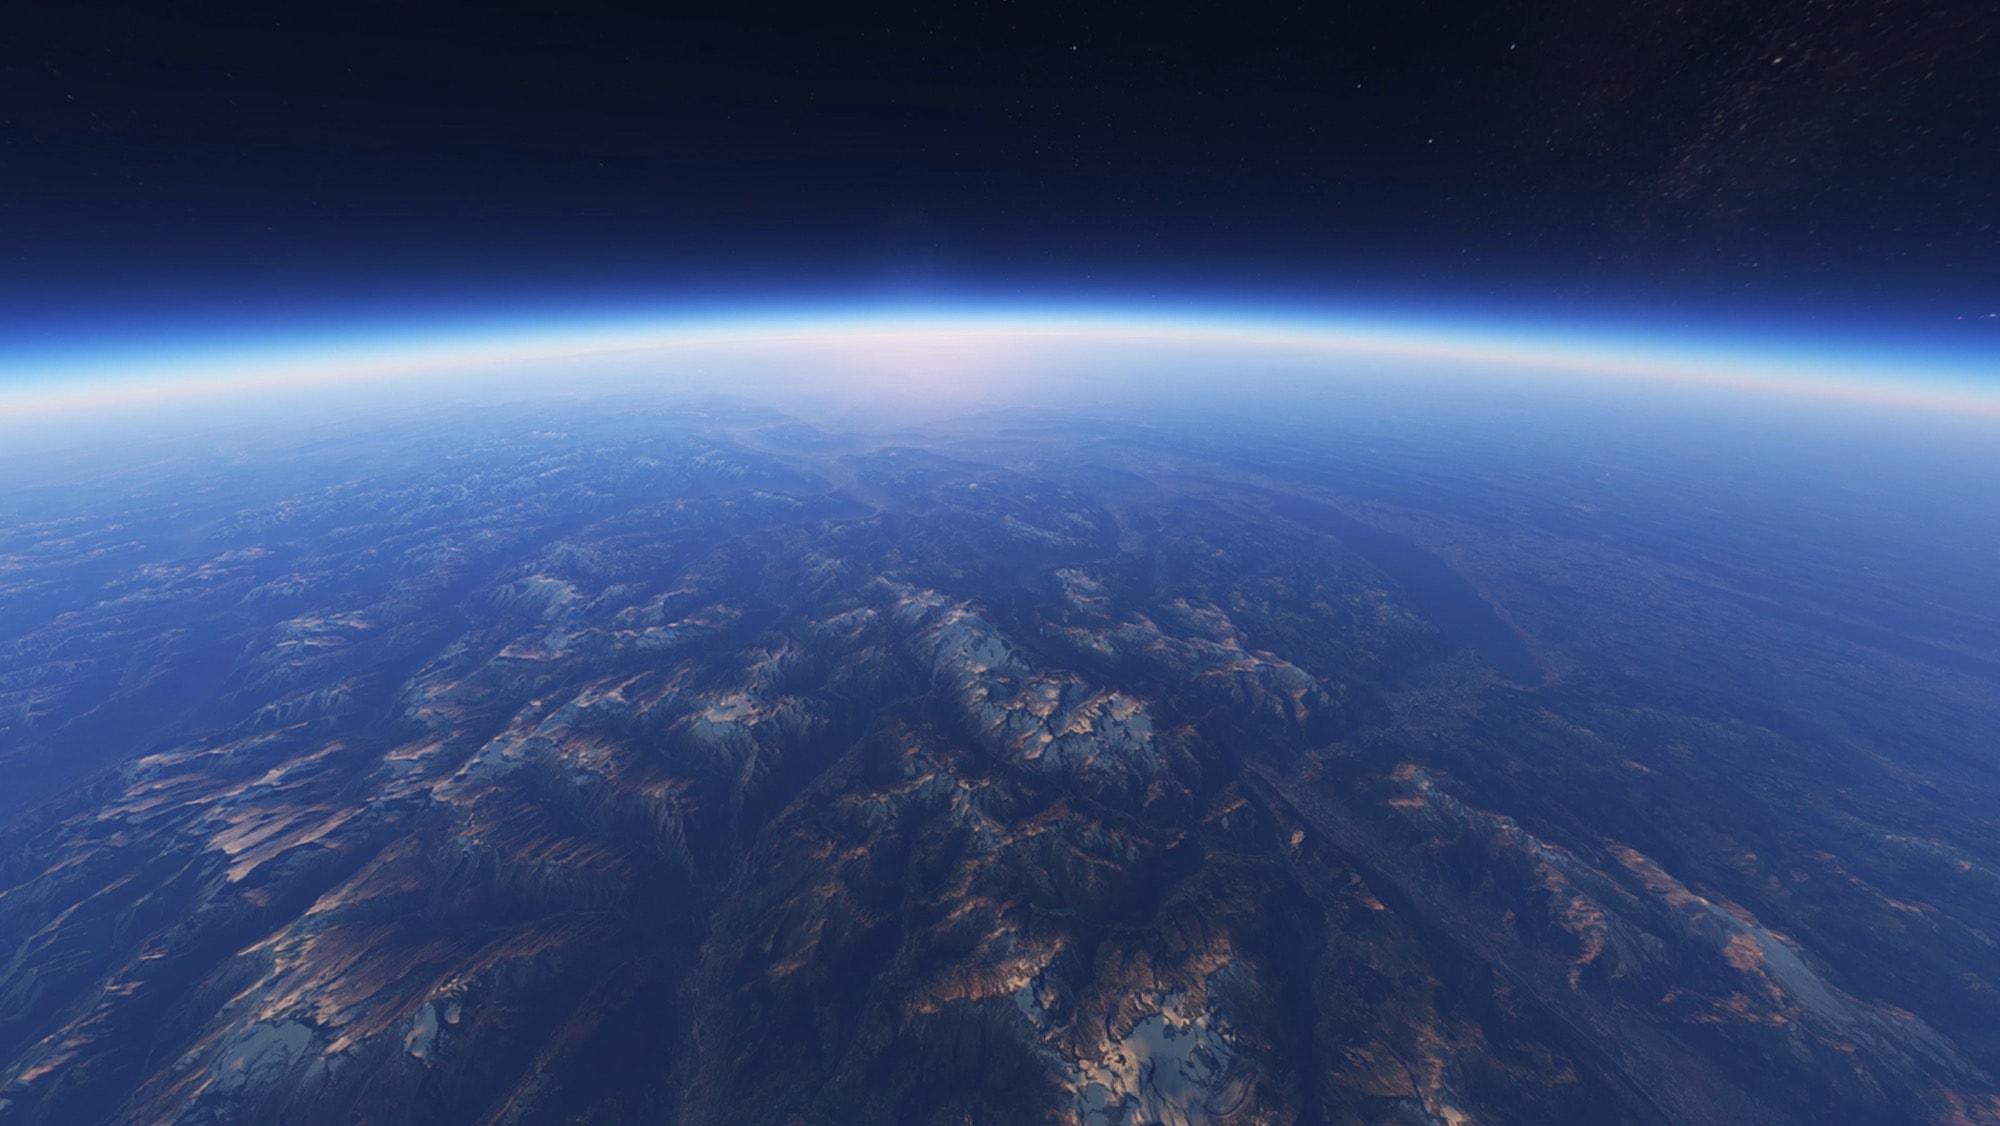 Pärast enam kui aasta möödumist värskendatakse iOS-i jaoks mõeldud Google Earth'i rakendust ja see omandab mitmeid uusi funktsioone